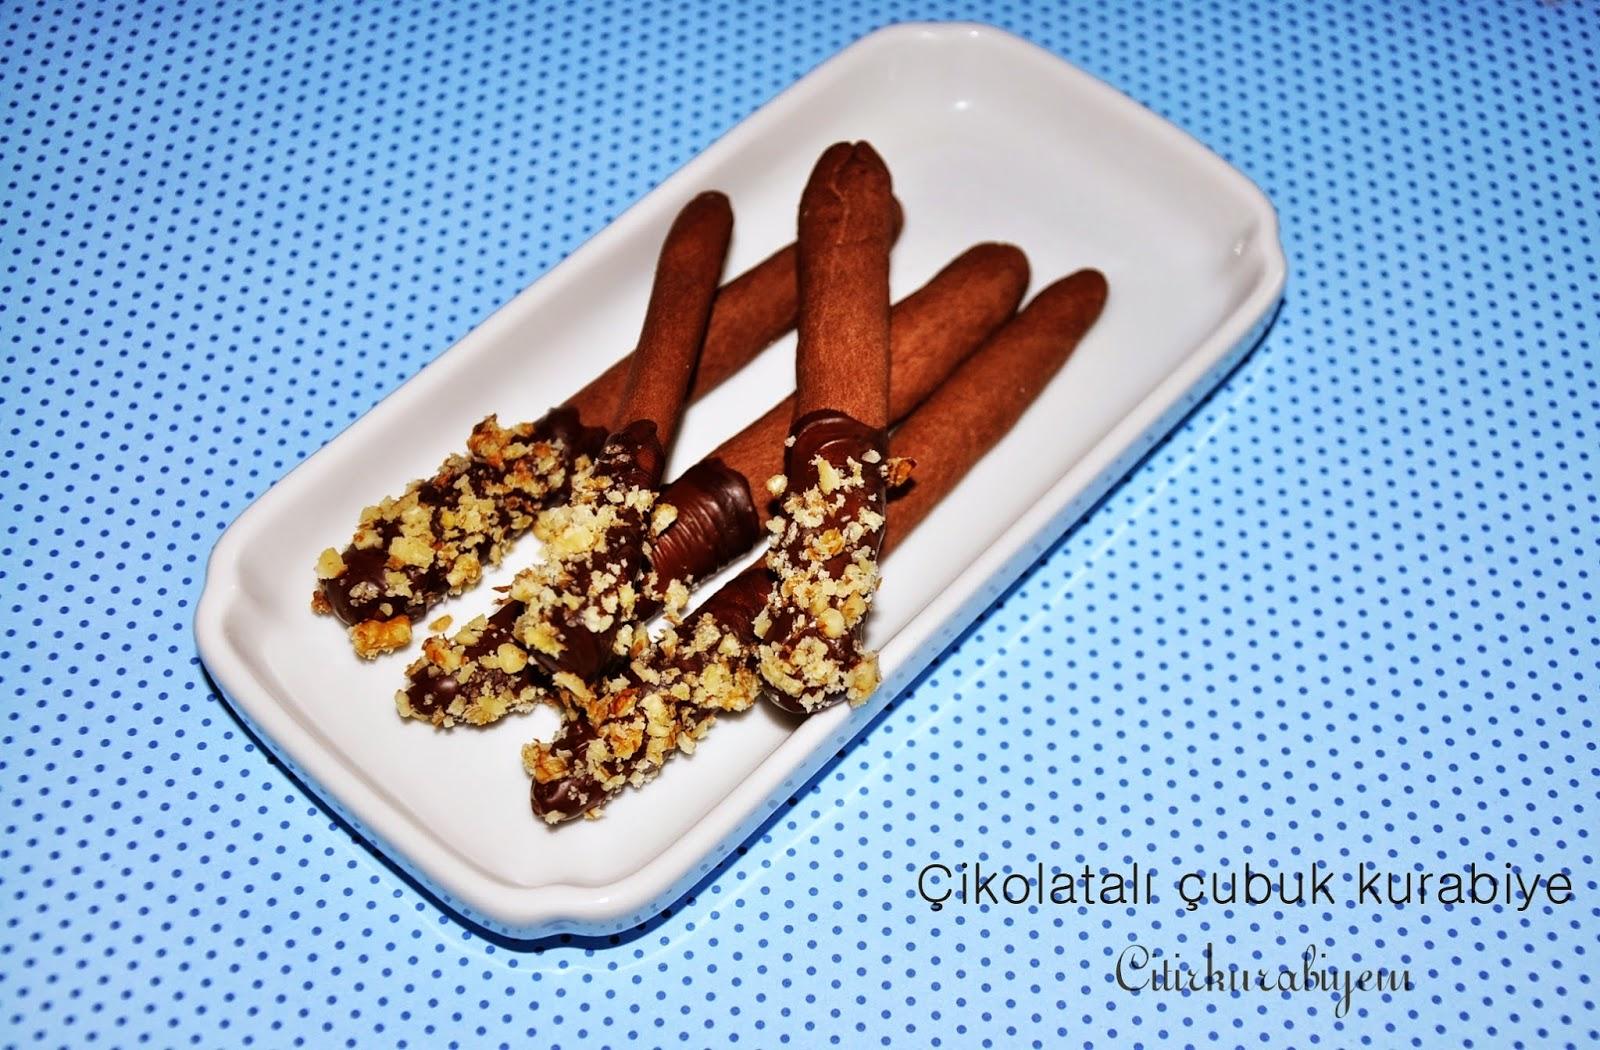 Çikolatalı Çubuk Kurabiye Tarifi